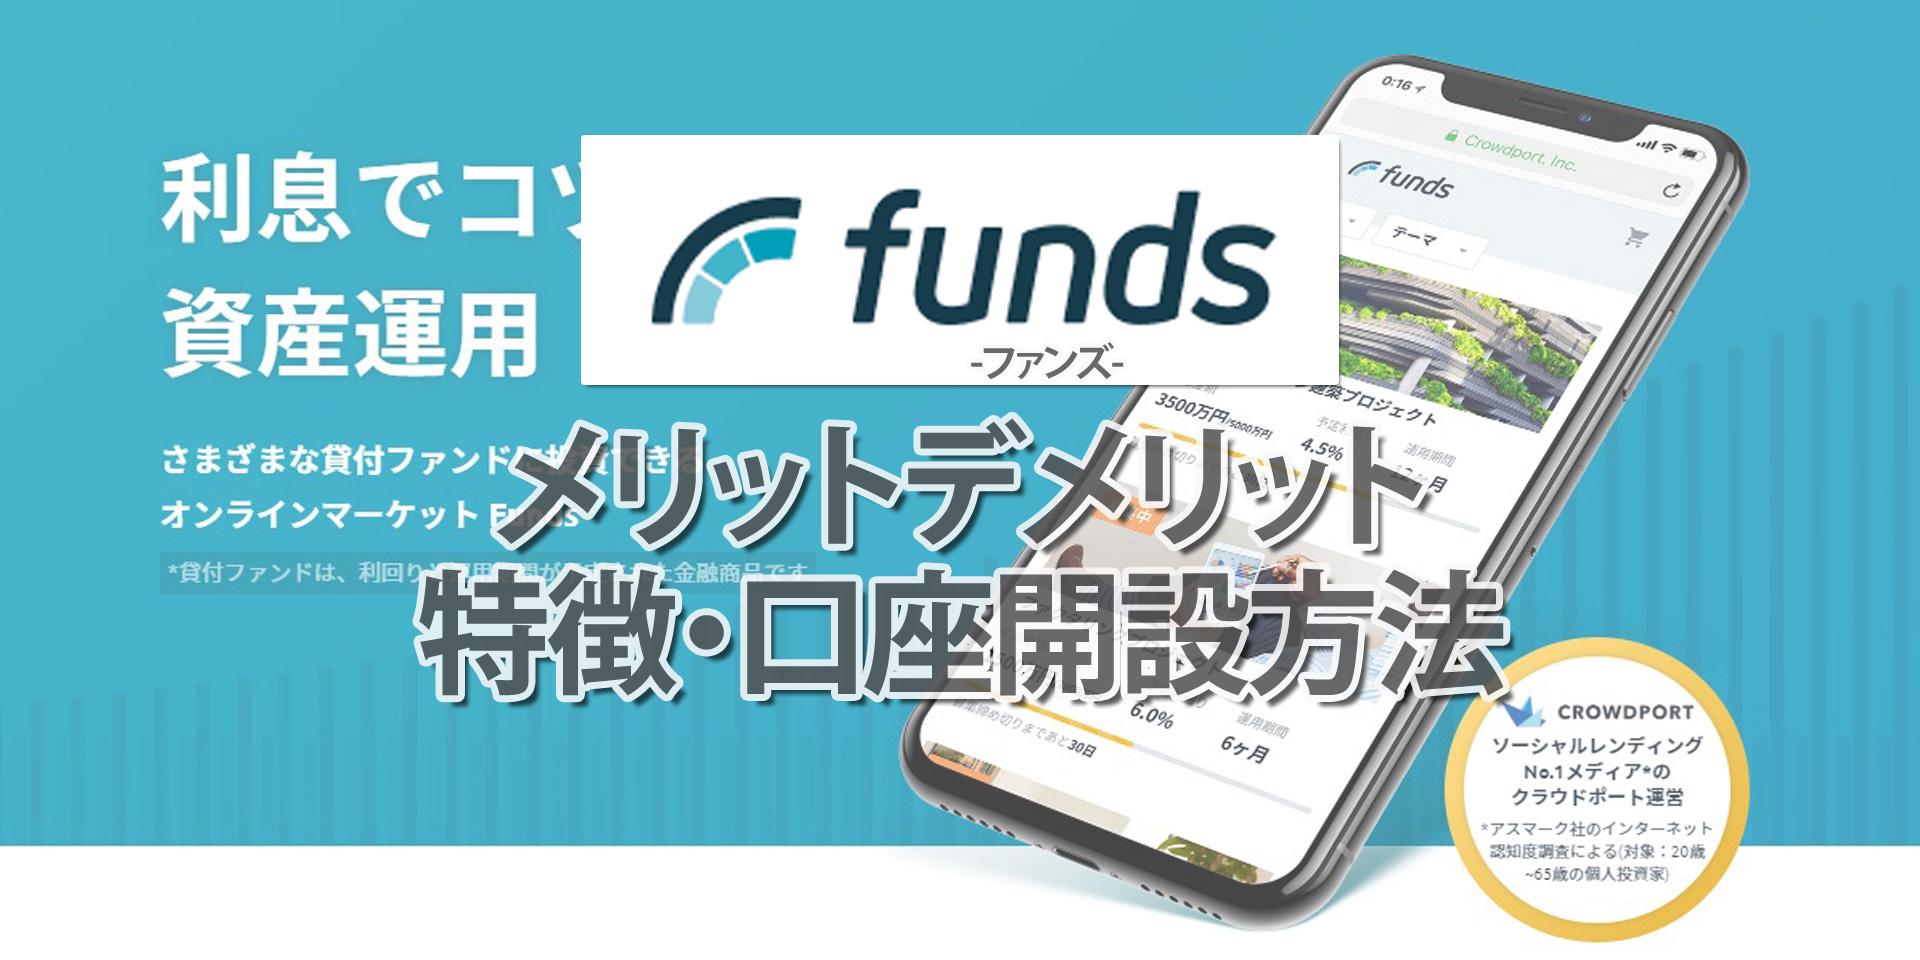 ファンズのメリットデメリット、特徴、口座開設方法